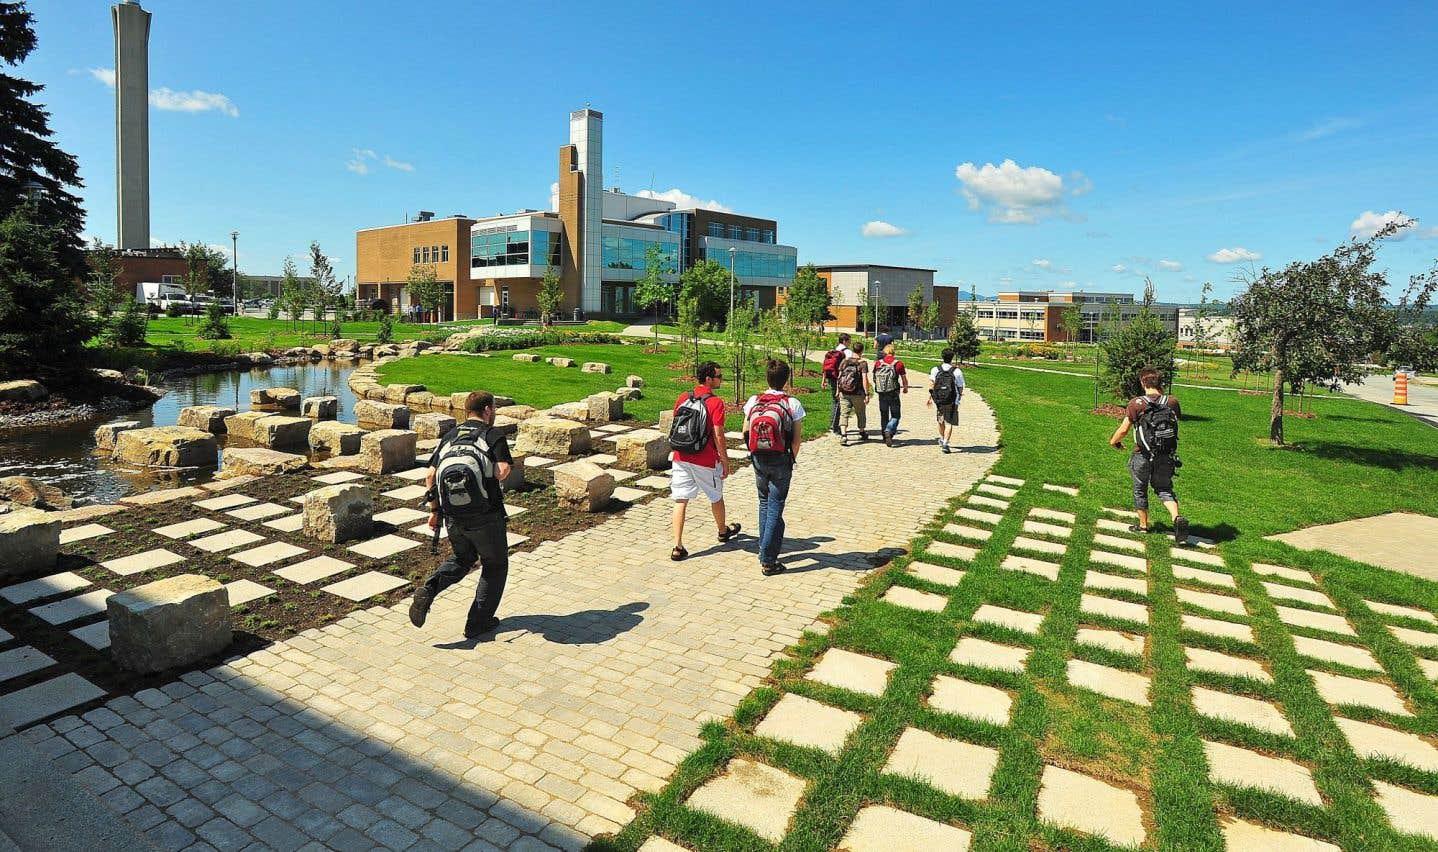 L'Université de Sherbrooke enverra une délégation de huit étudiants de deuxième cycle à la COP21, à Paris.